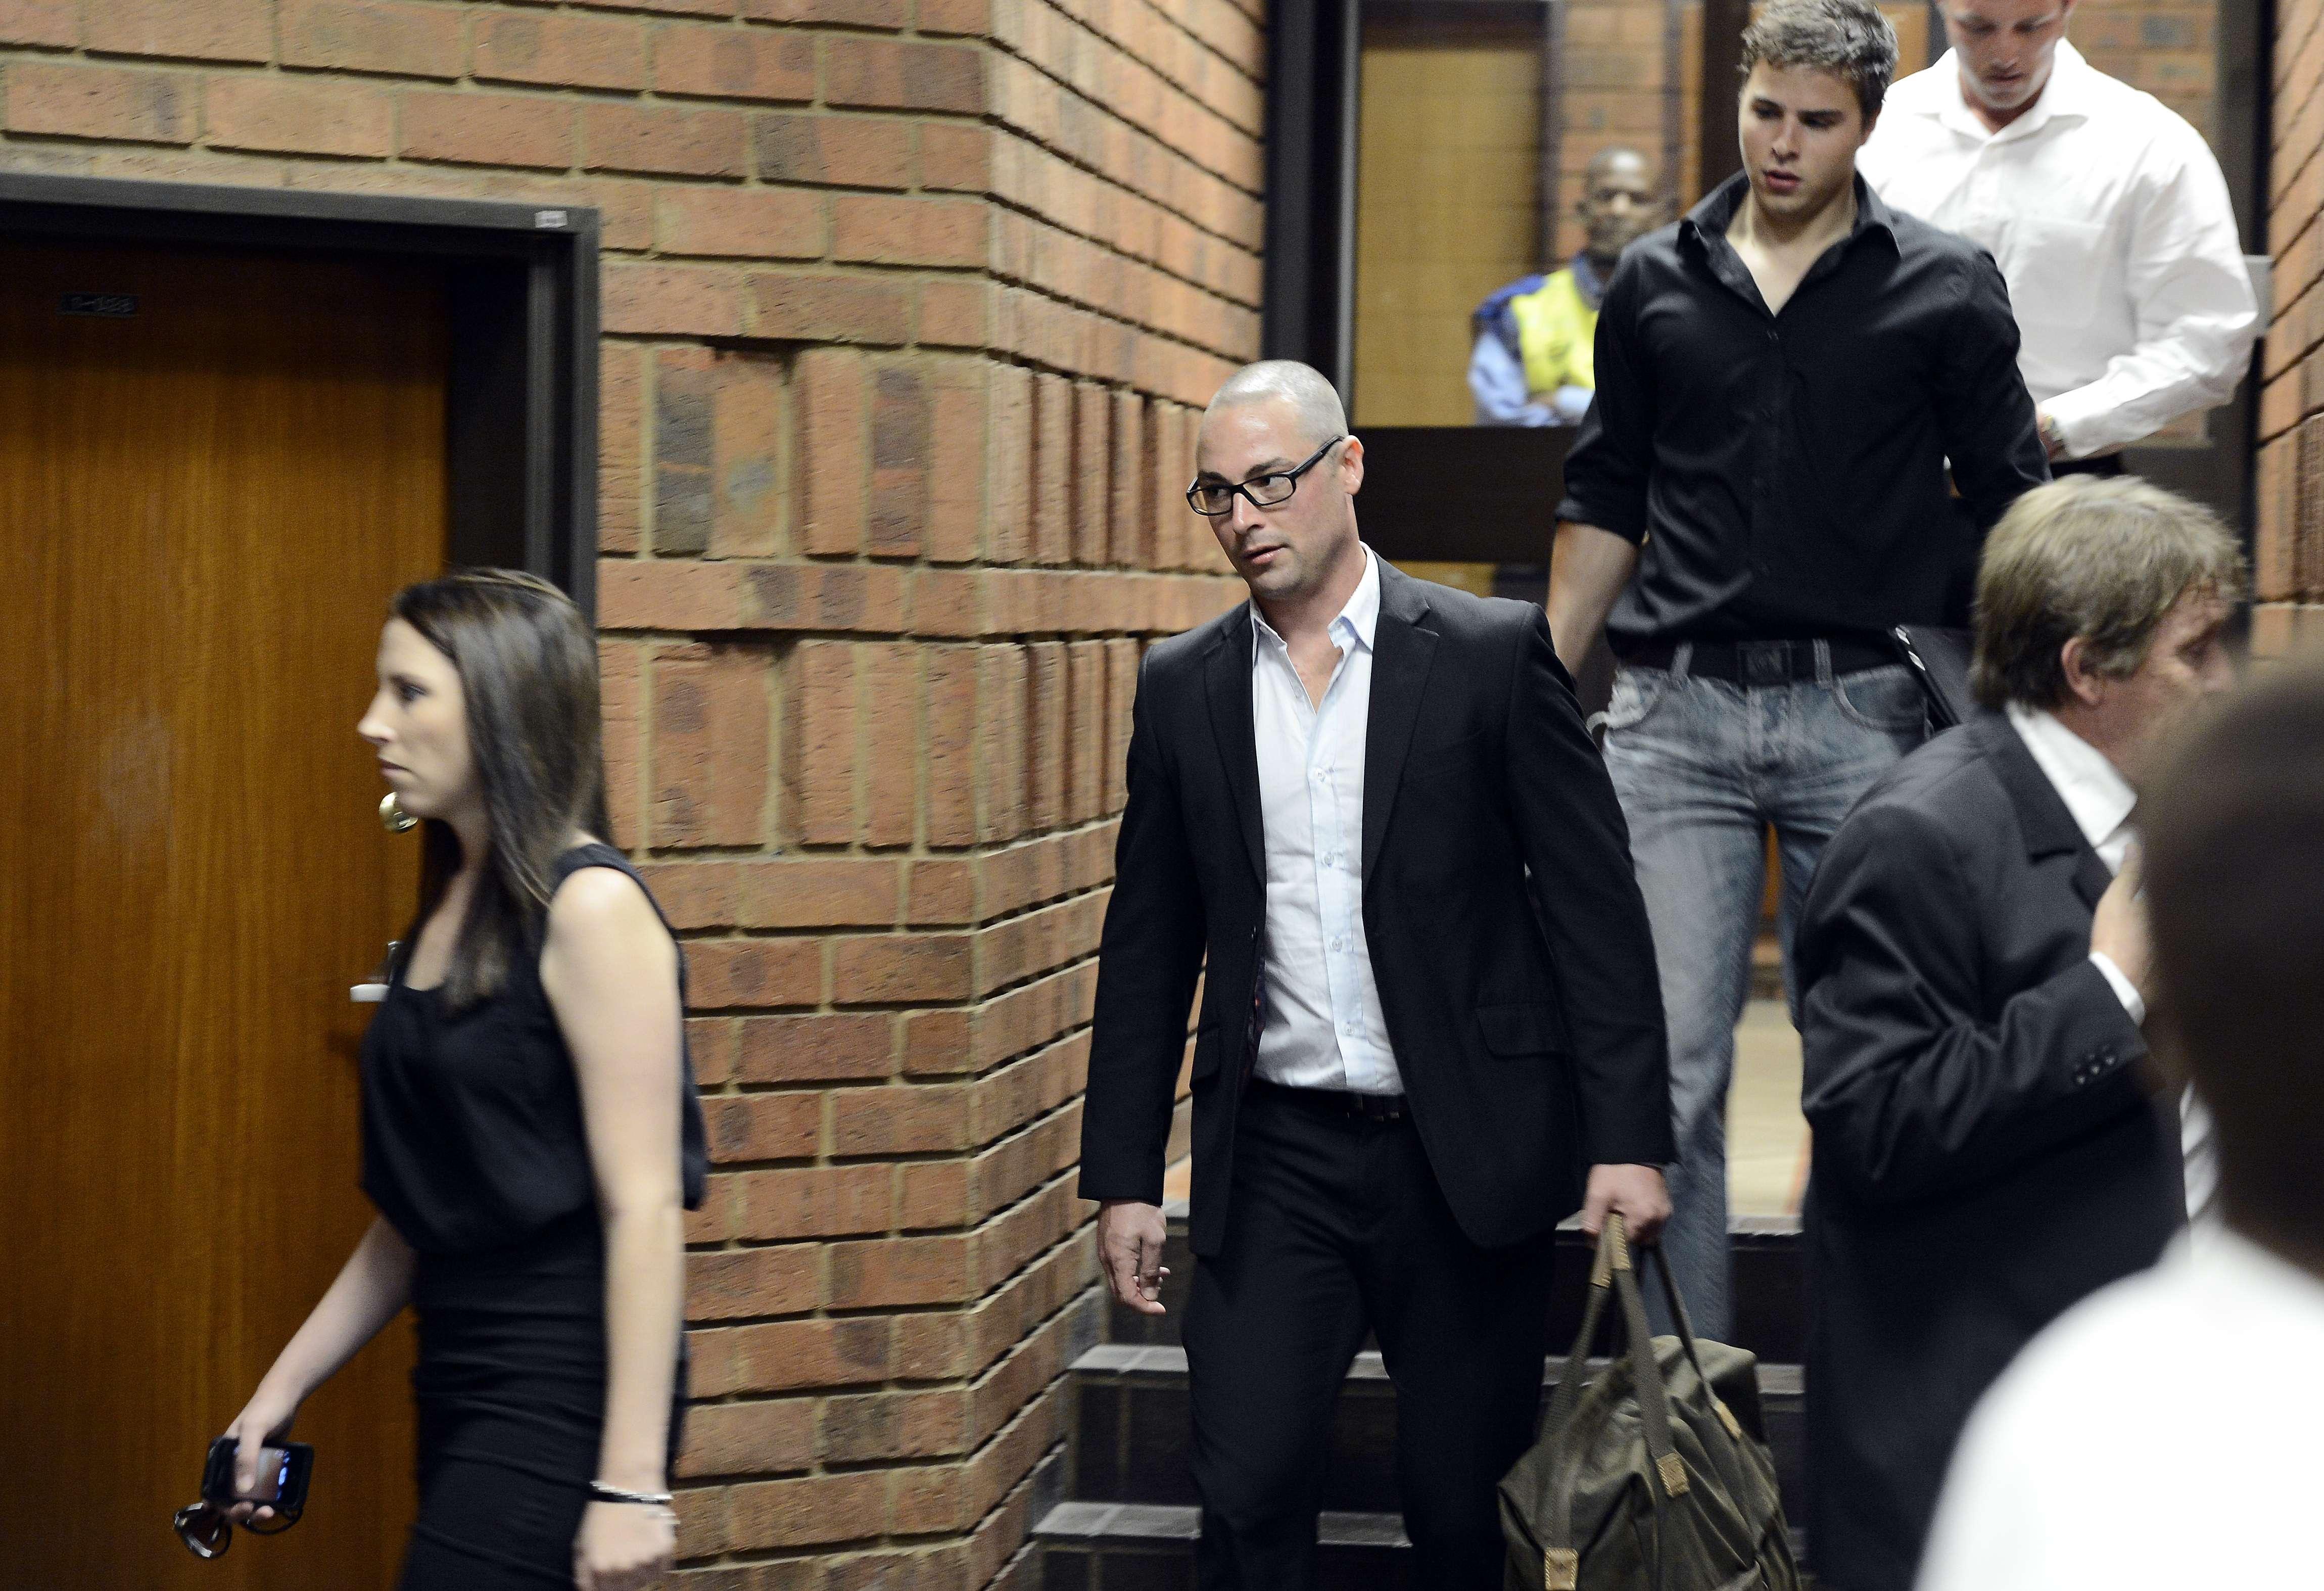 Carl, fratele lui Oscar Pistorius, este si el judecat pentru moartea unei femei